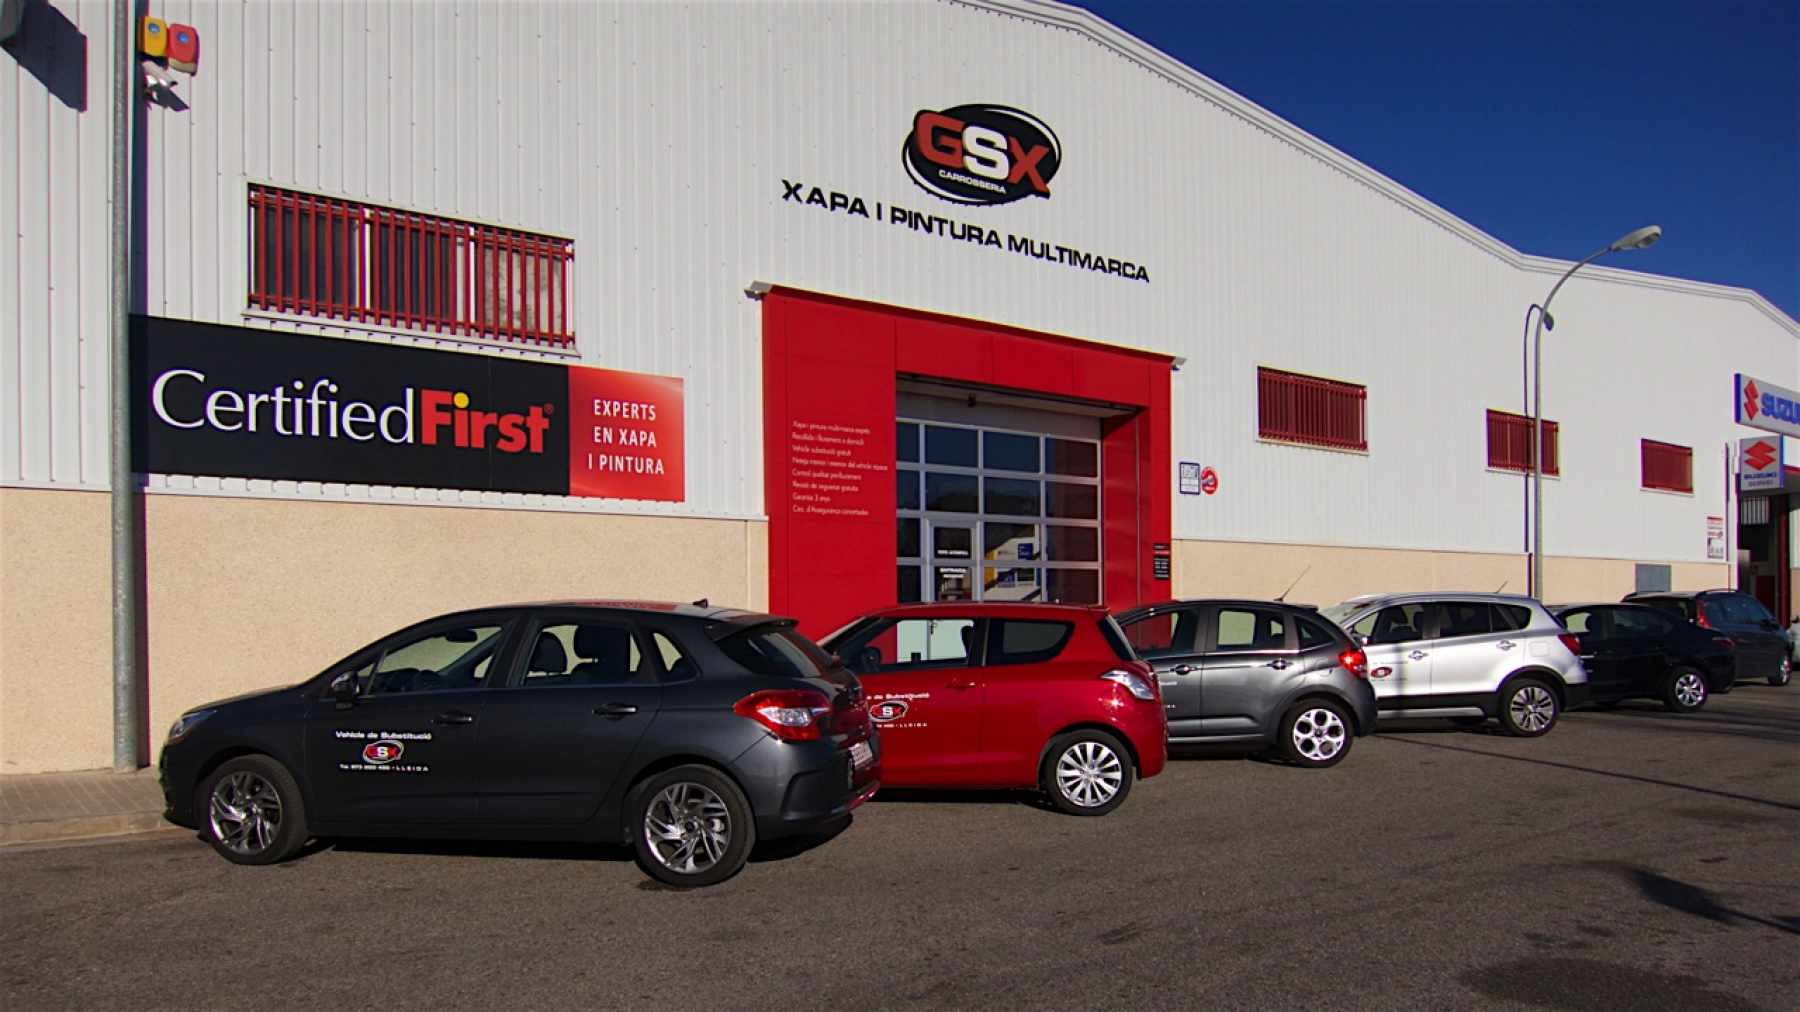 Vehicles de substitució - GSX Carrosseria, Taller de xapa i pintura